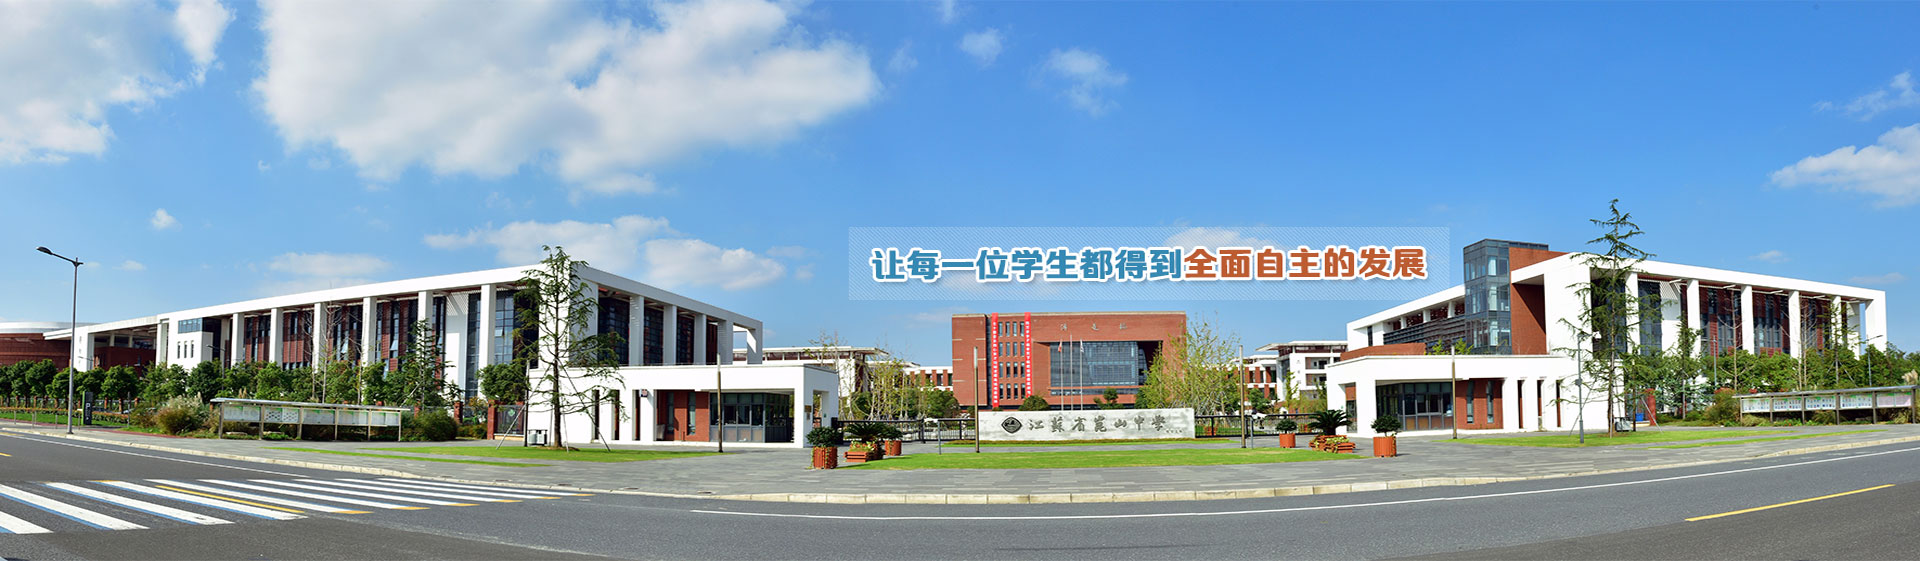 切图-banner